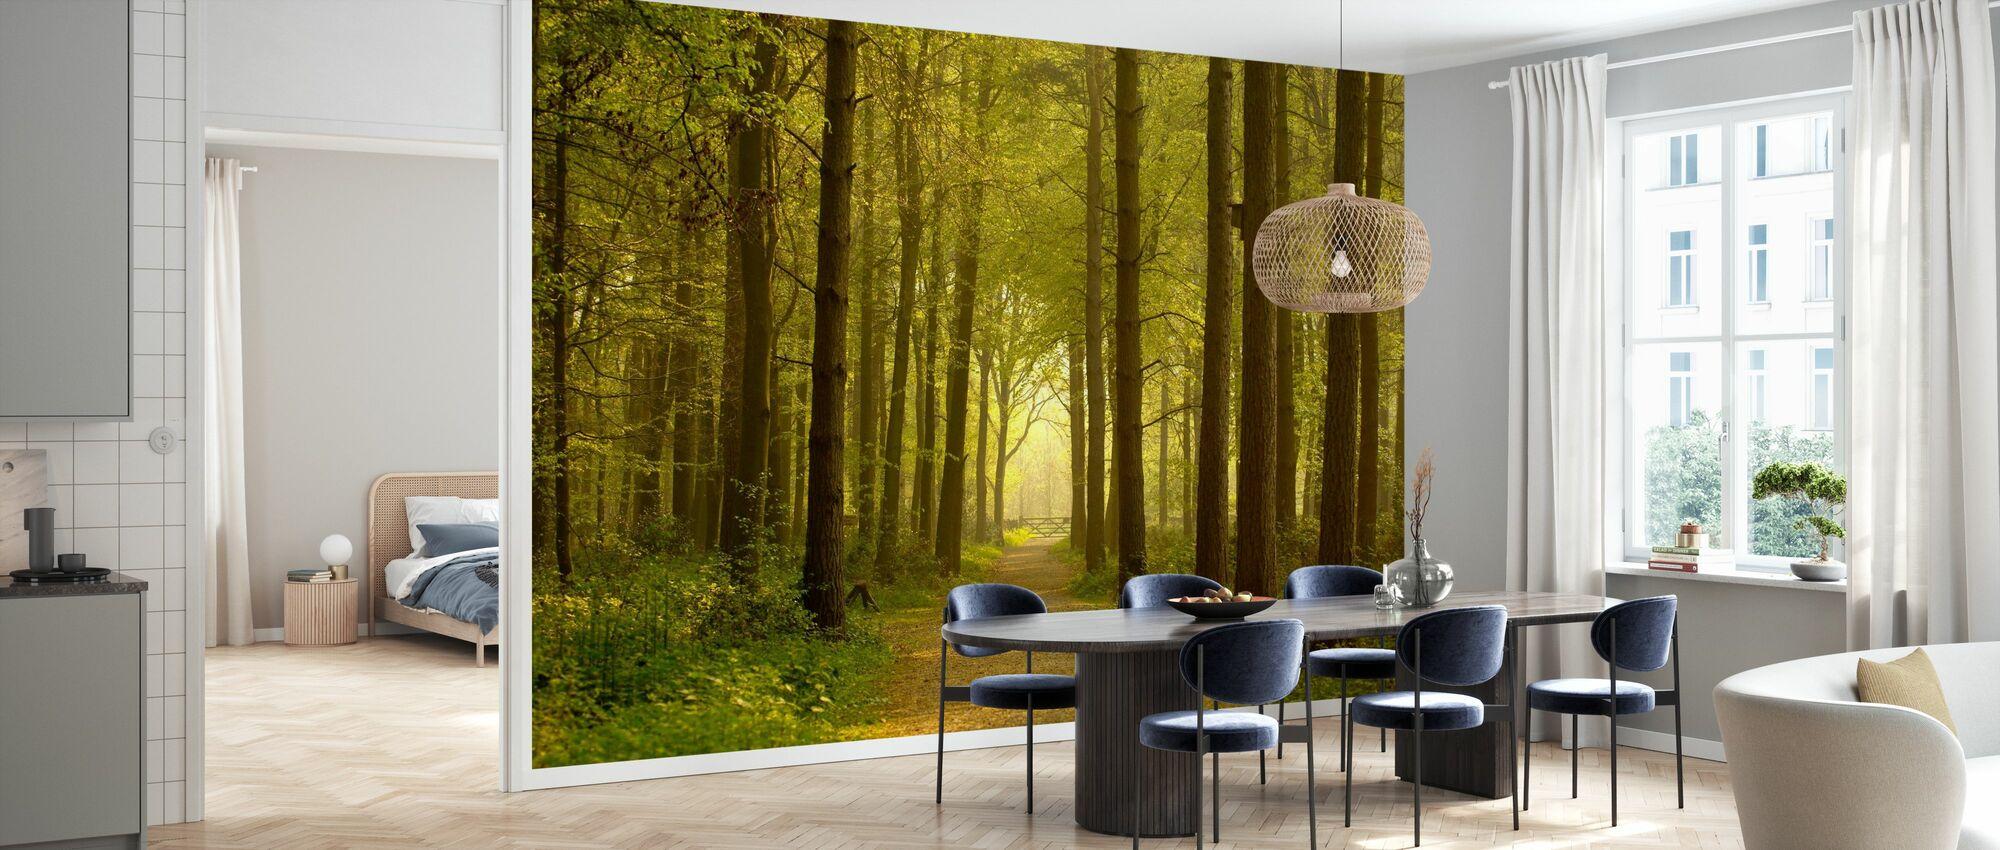 Path through Golden Forest - Wallpaper - Kitchen